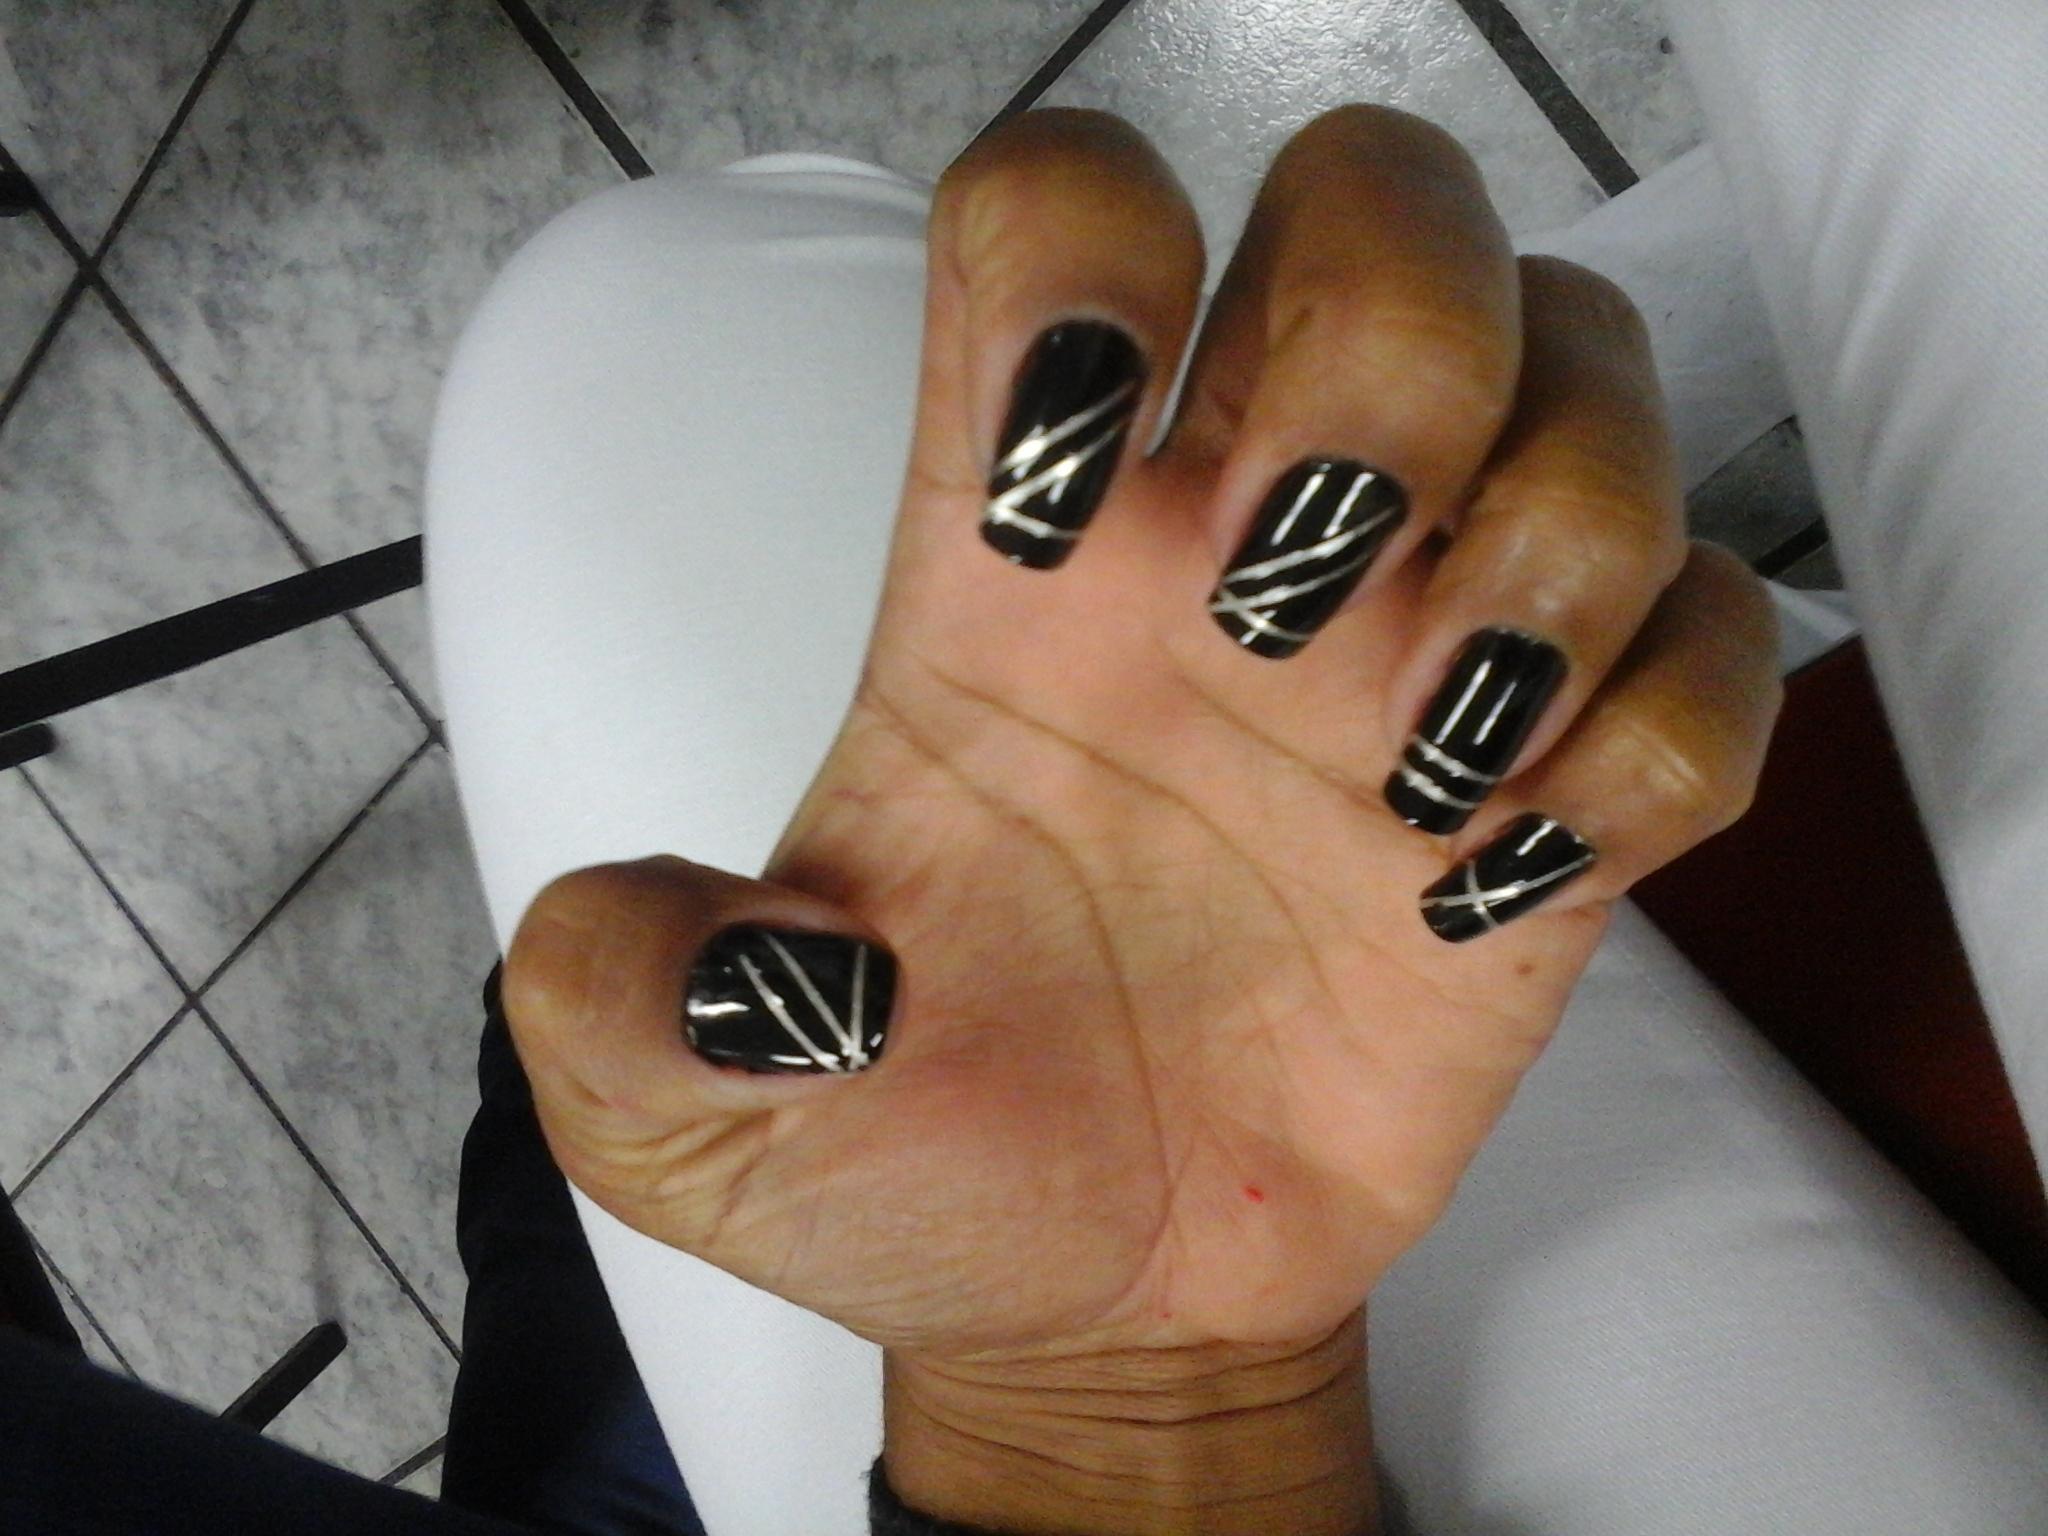 Unha que fiz no curso com a Nail Design Gi Camargo unha manicure e pedicure